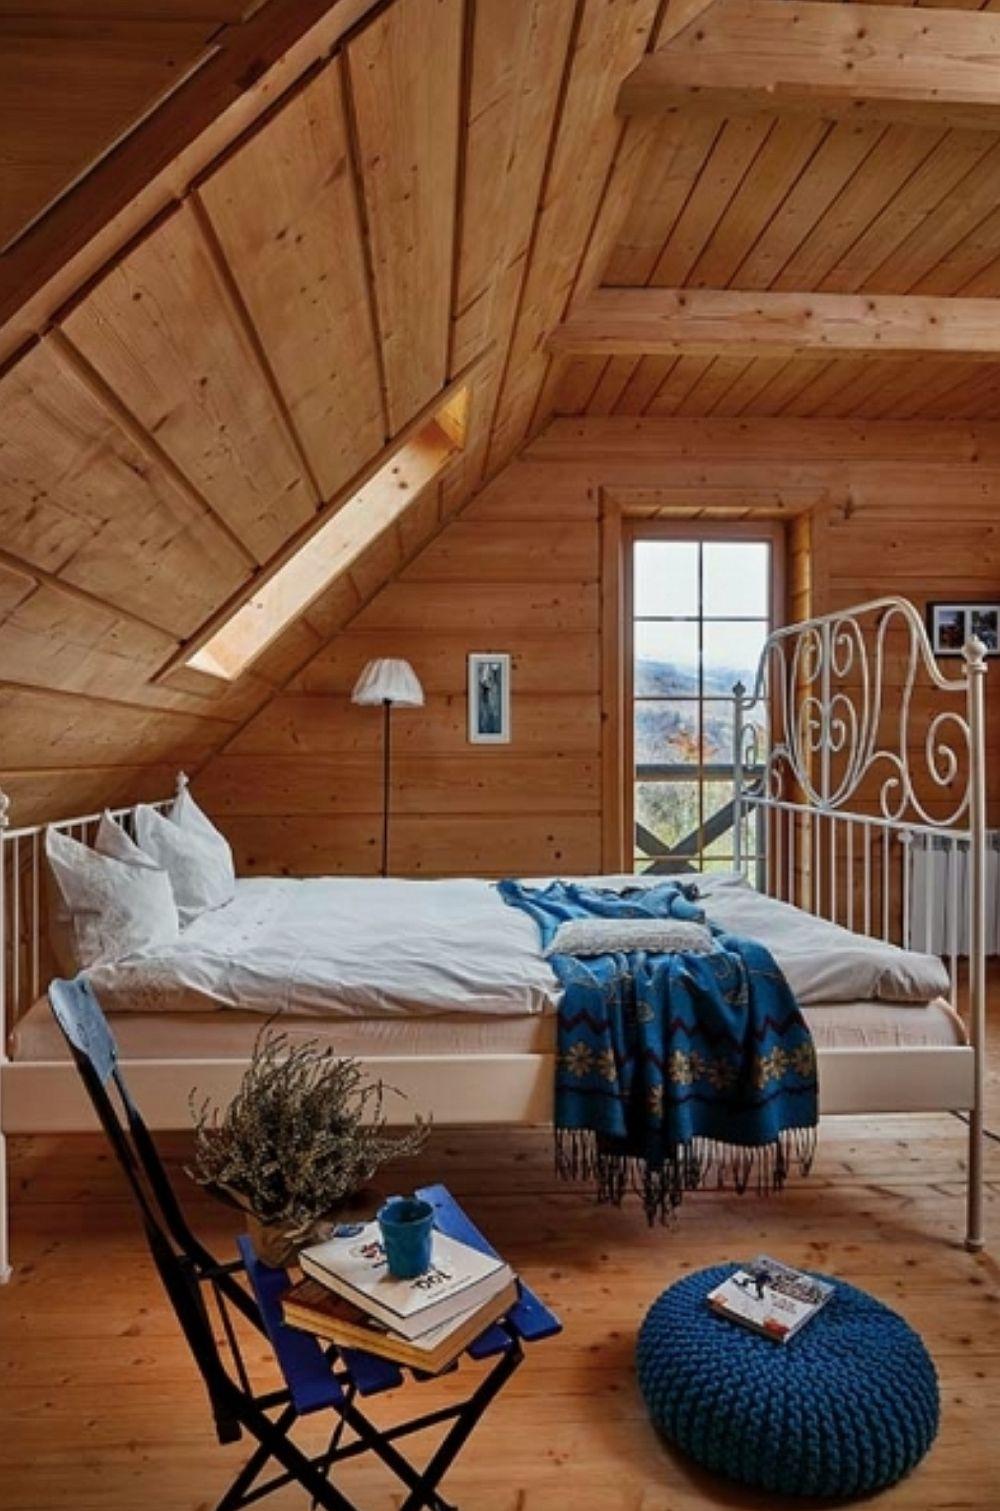 Dormitoarele sunt simplu amenajate, tot cu mobilă albă în stil shabby chic, dar atmosfera este conferită de căldura lemnului și lumina naturală. Acolo unde sunt uși sau lucarne, dar spațiul se simțea prea mic, au fost instalate ferestre de mansardă pentru un aport suplimentar de lumină naturală.